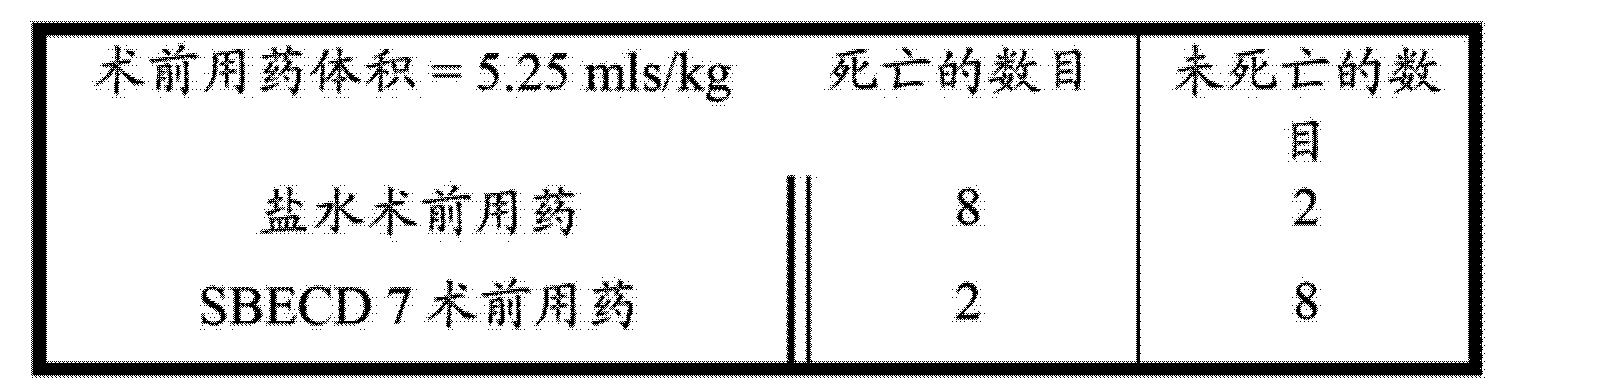 Figure CN102802635BD00182